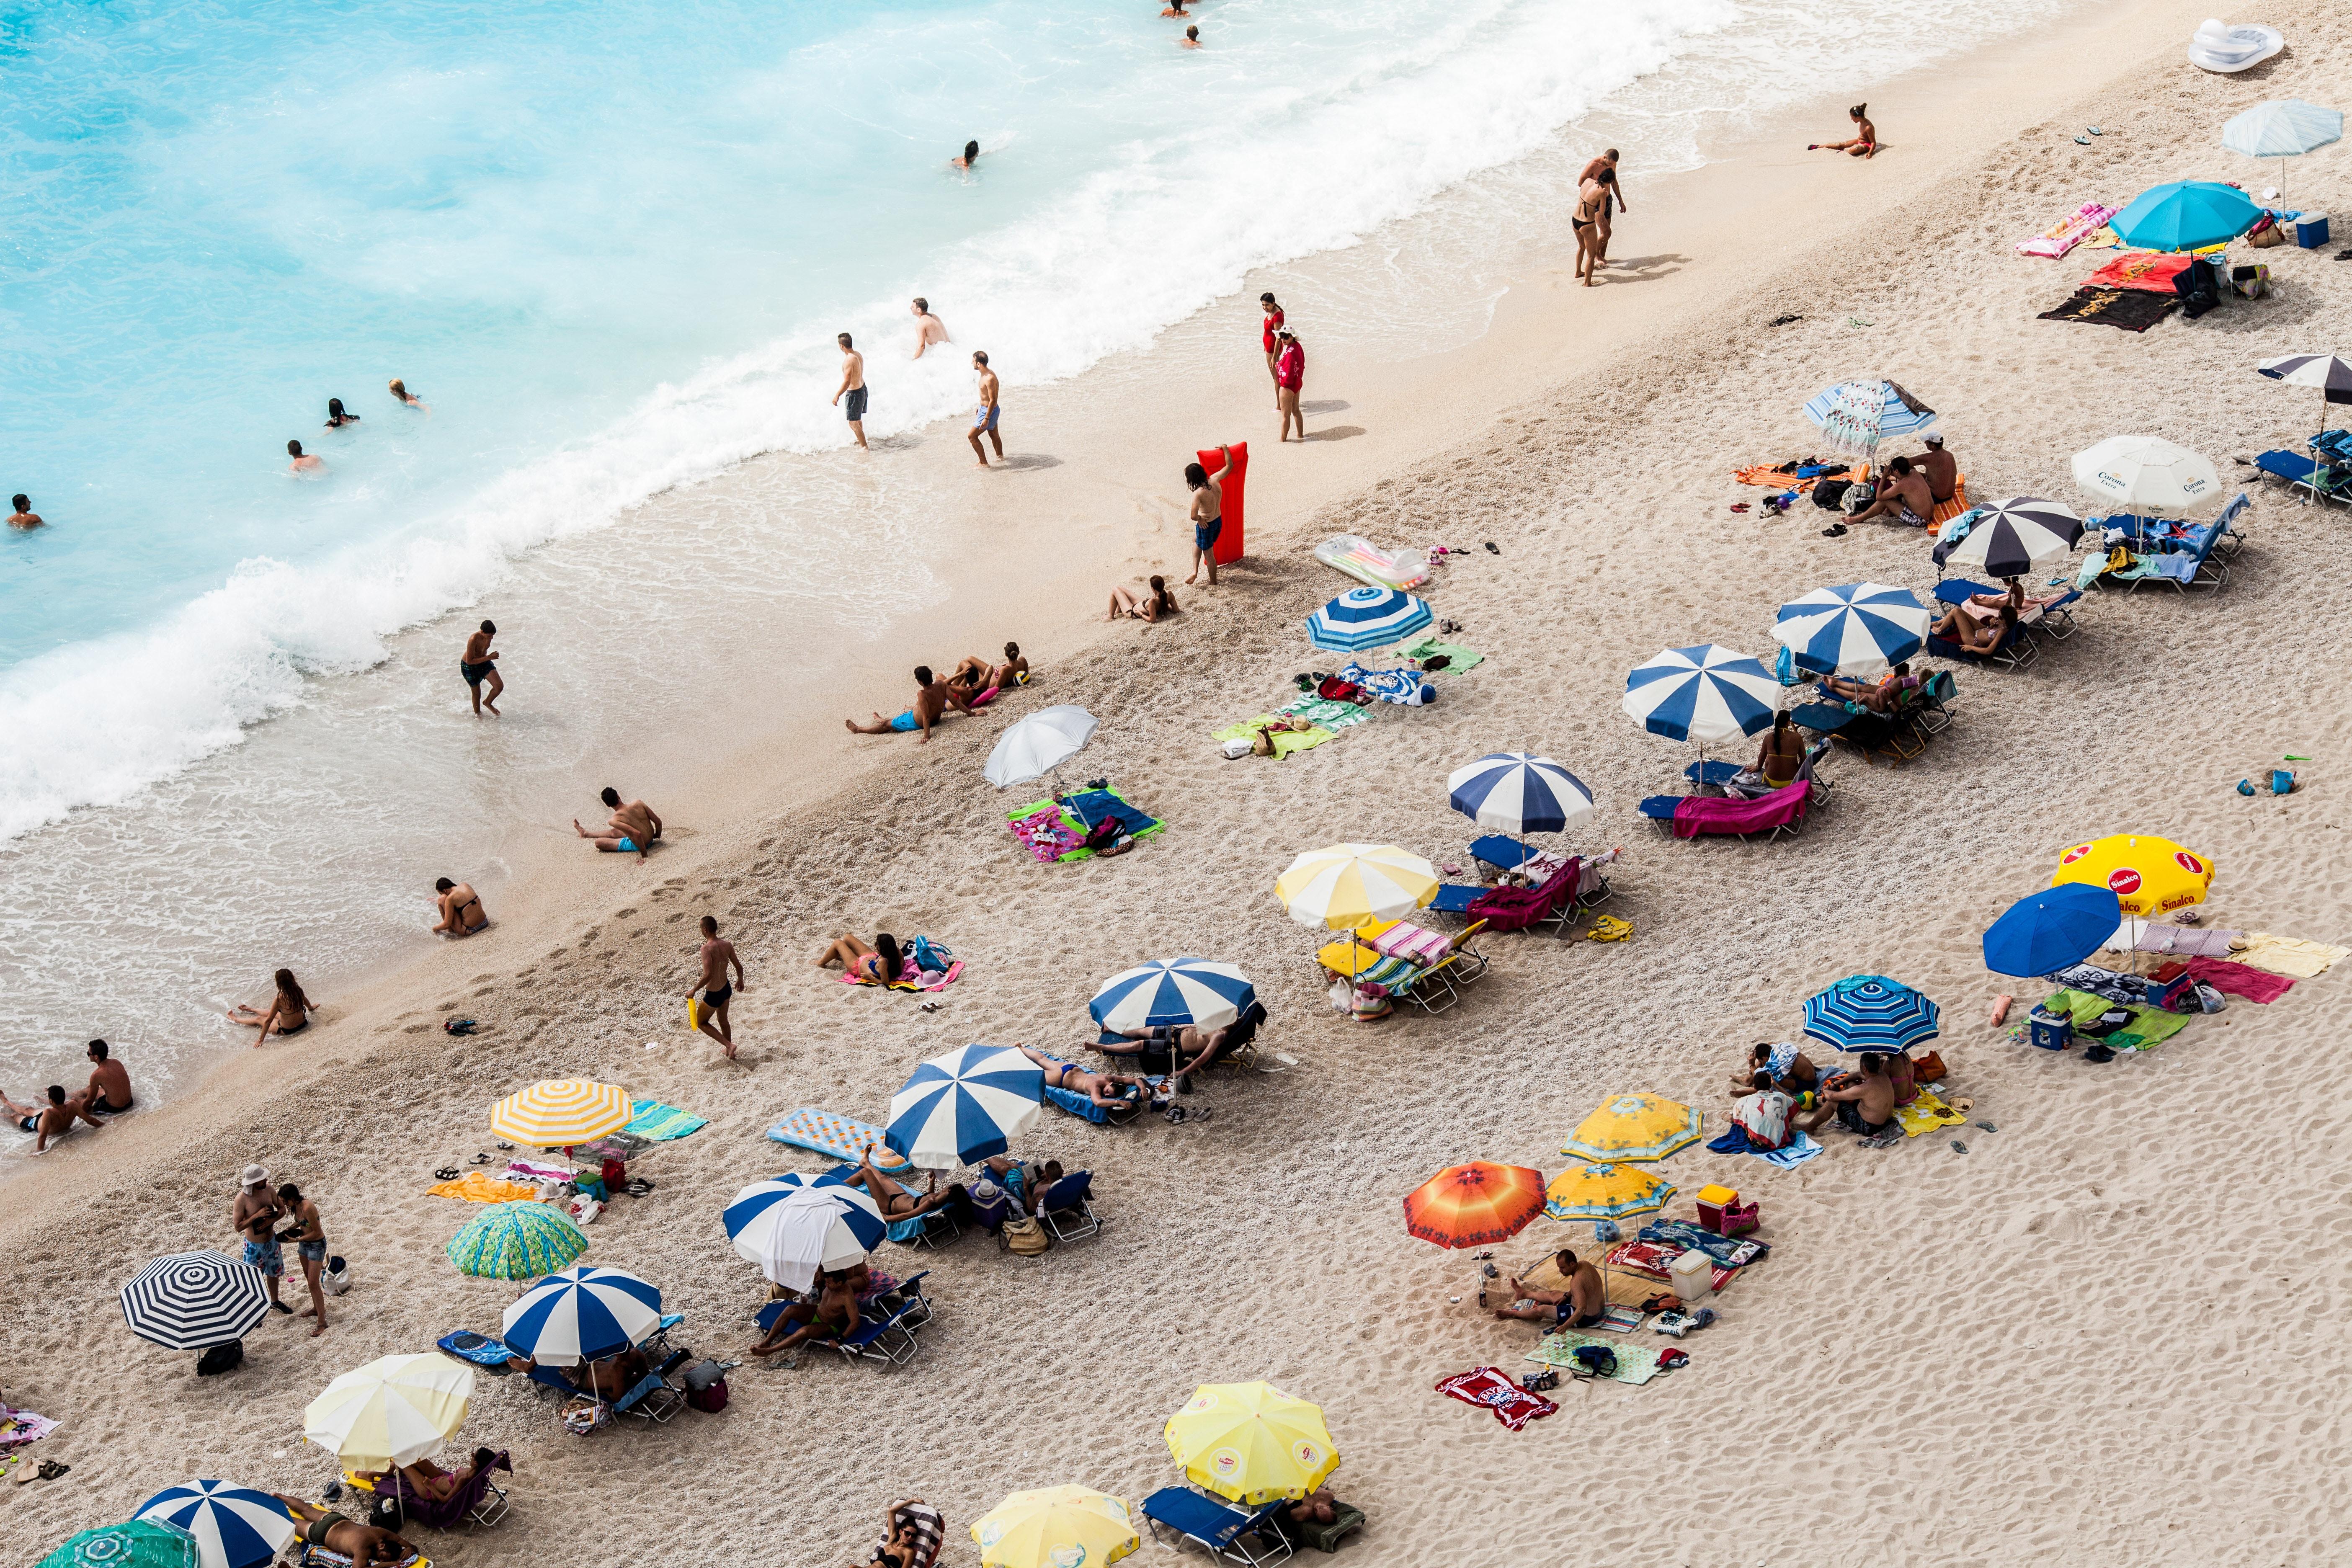 10 principais estratégias de Marketing Turístico que você deve conhecer